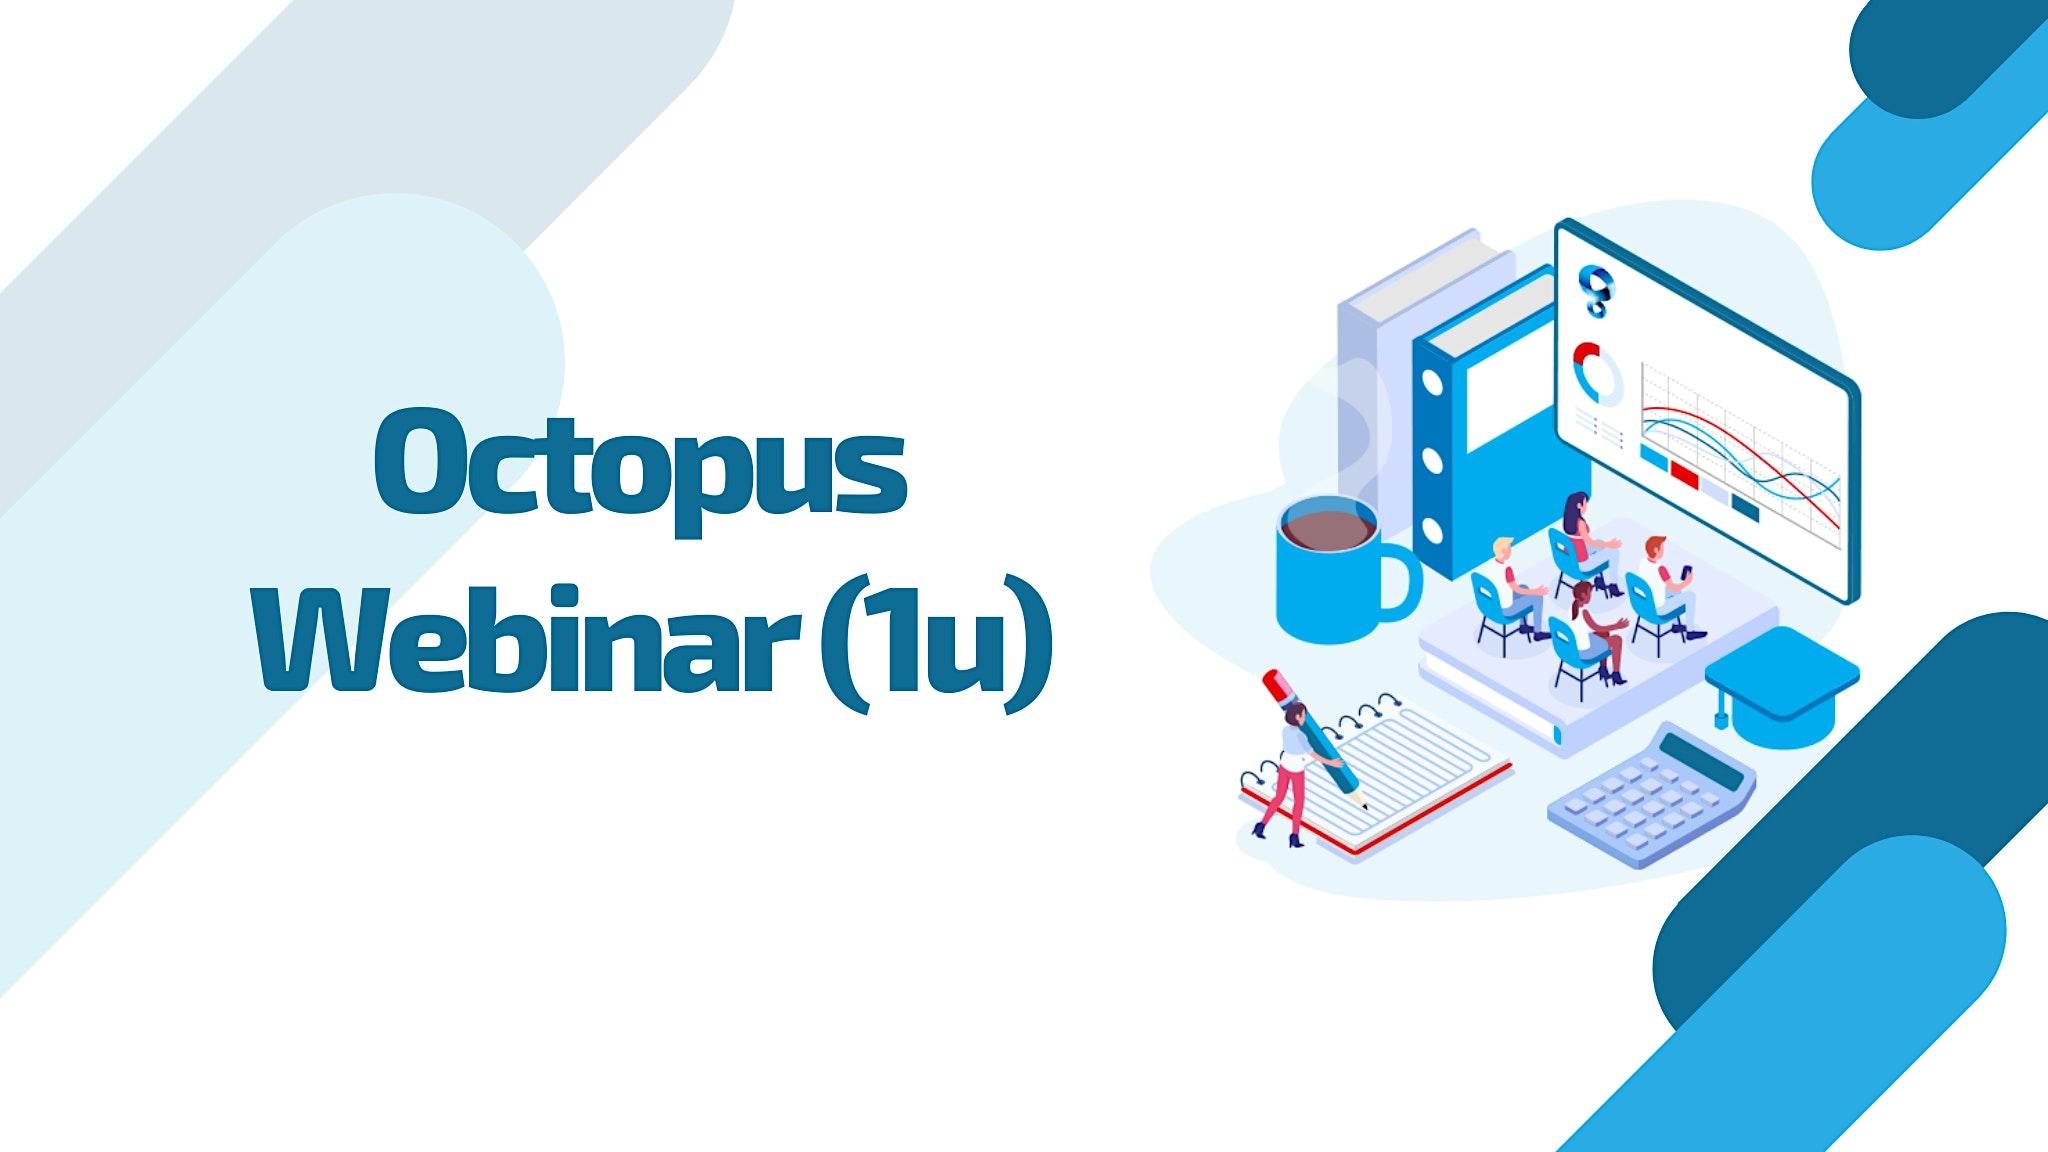 Octopus Webinar: Banking module